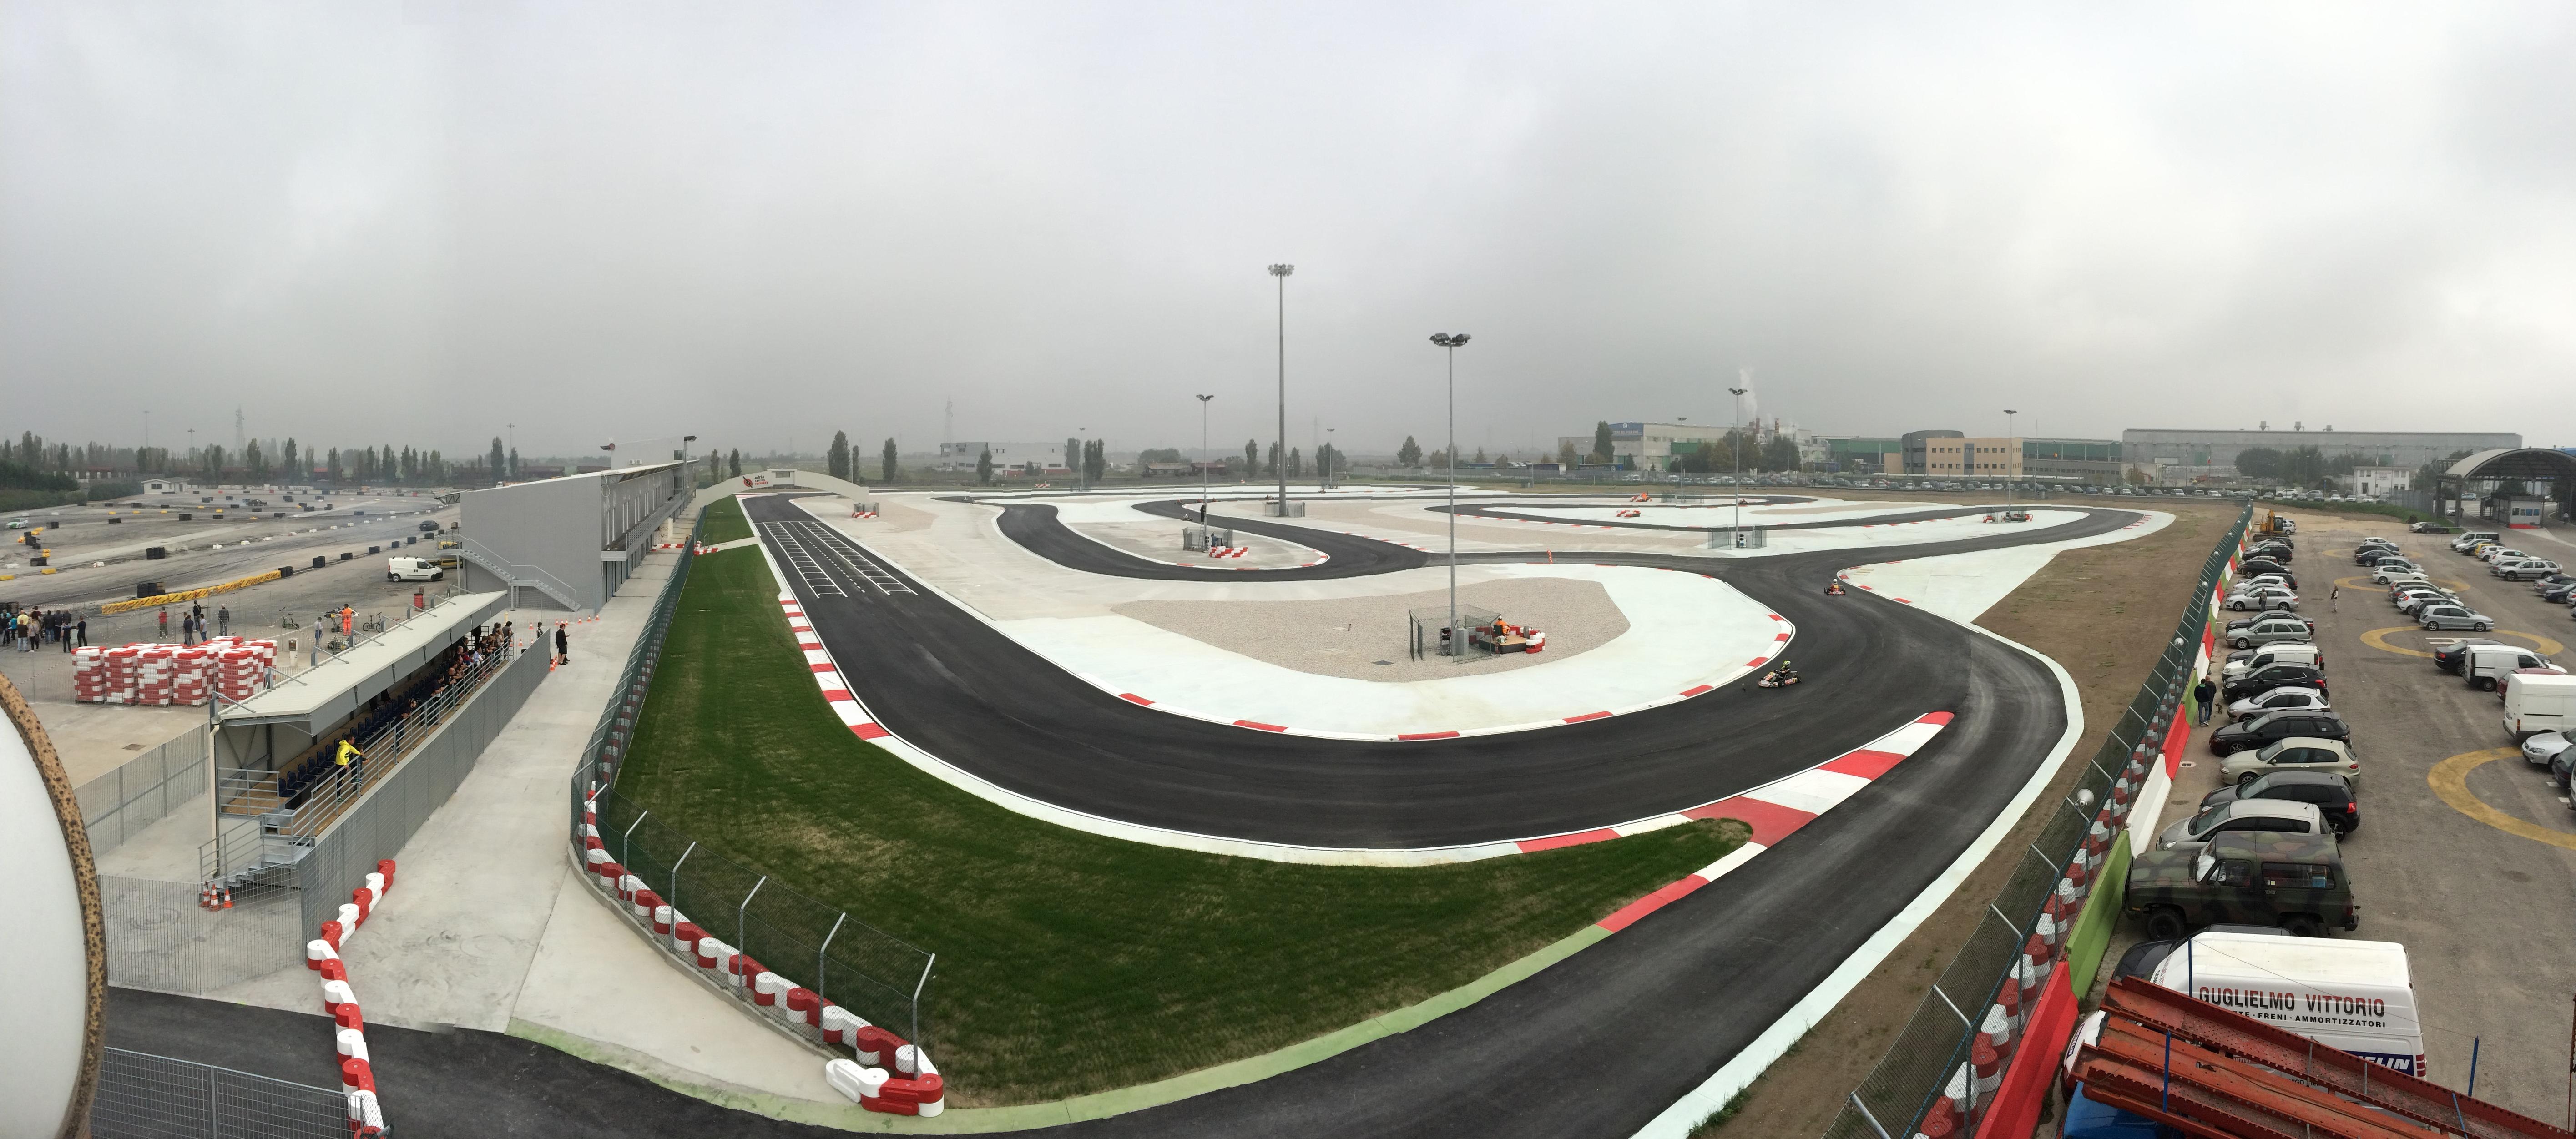 Circuito Adria : Adria karting raceway si gira sulla nuova pista internazionale